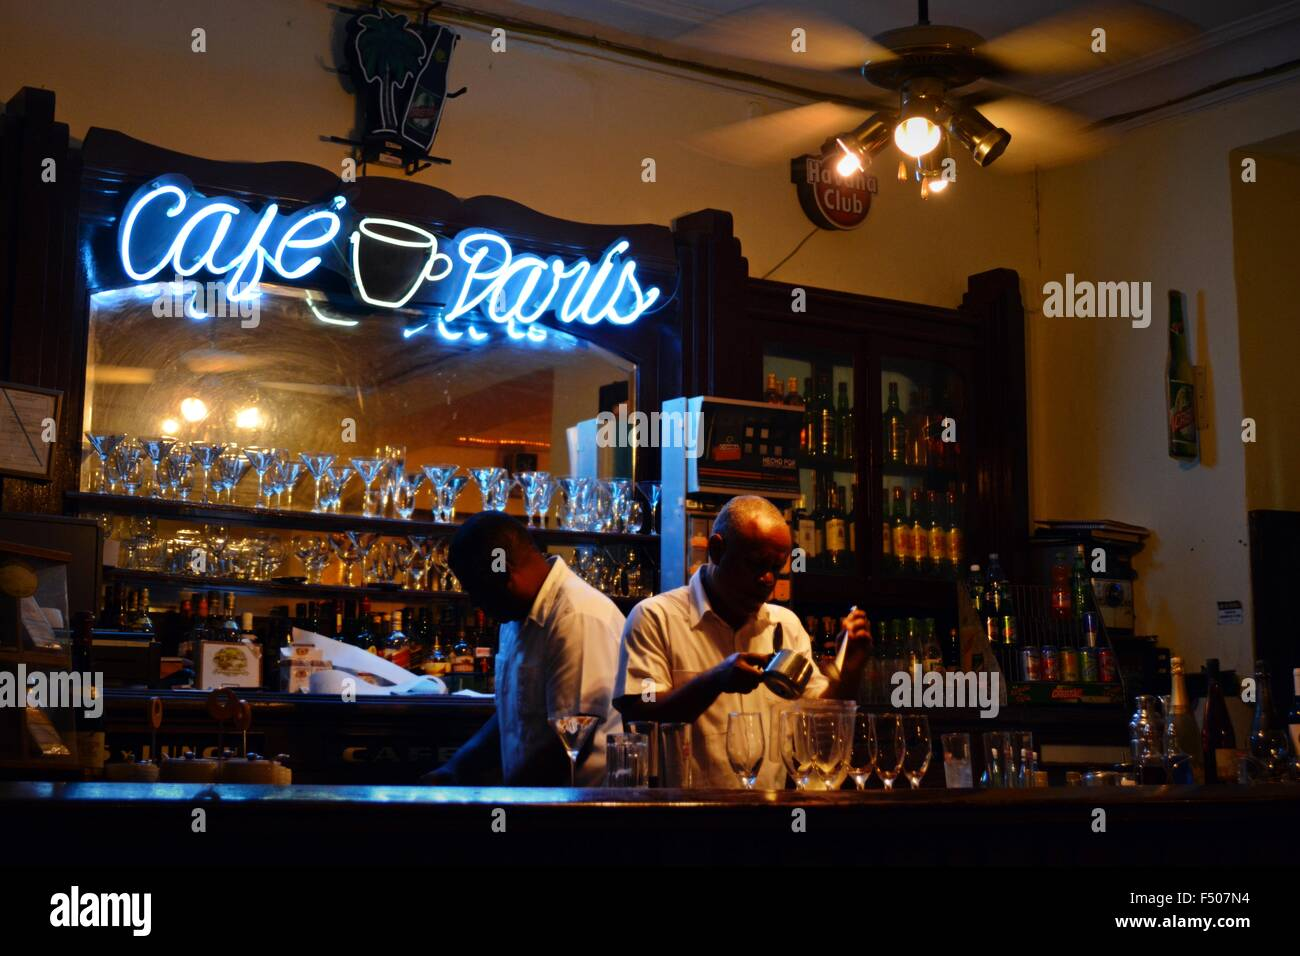 Cafe de Paris in der Nacht Interieur; Bar Angebote mischen Rum ...